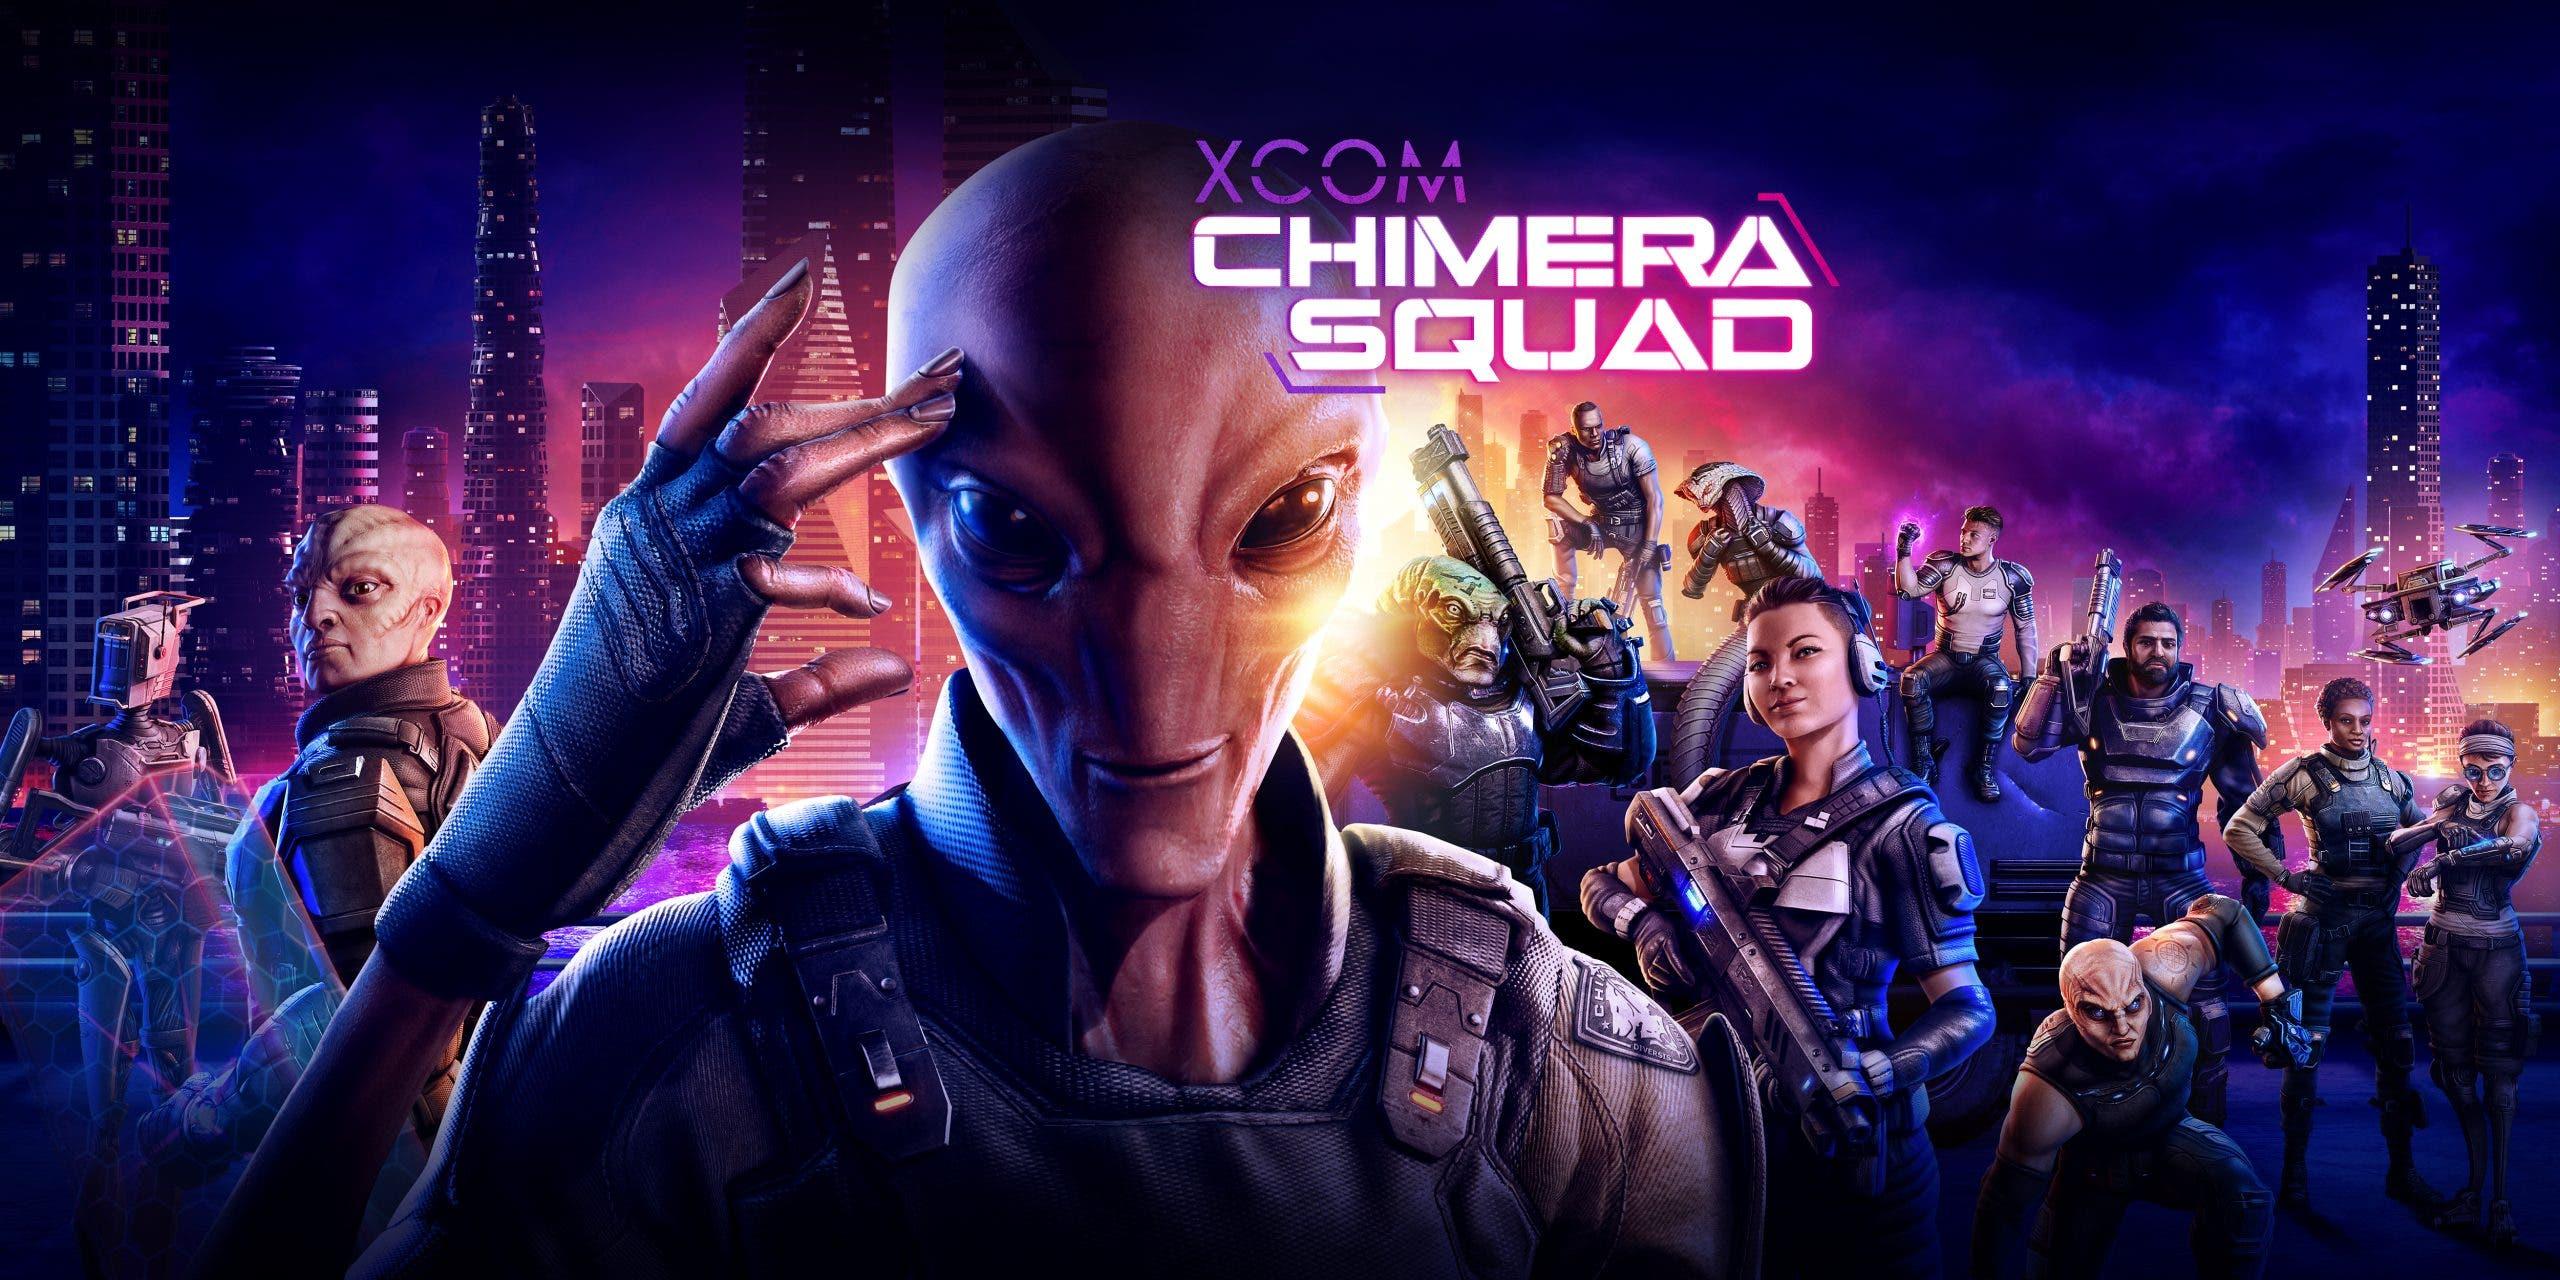 XCOM Chimera Squad Art Horizontal scaled